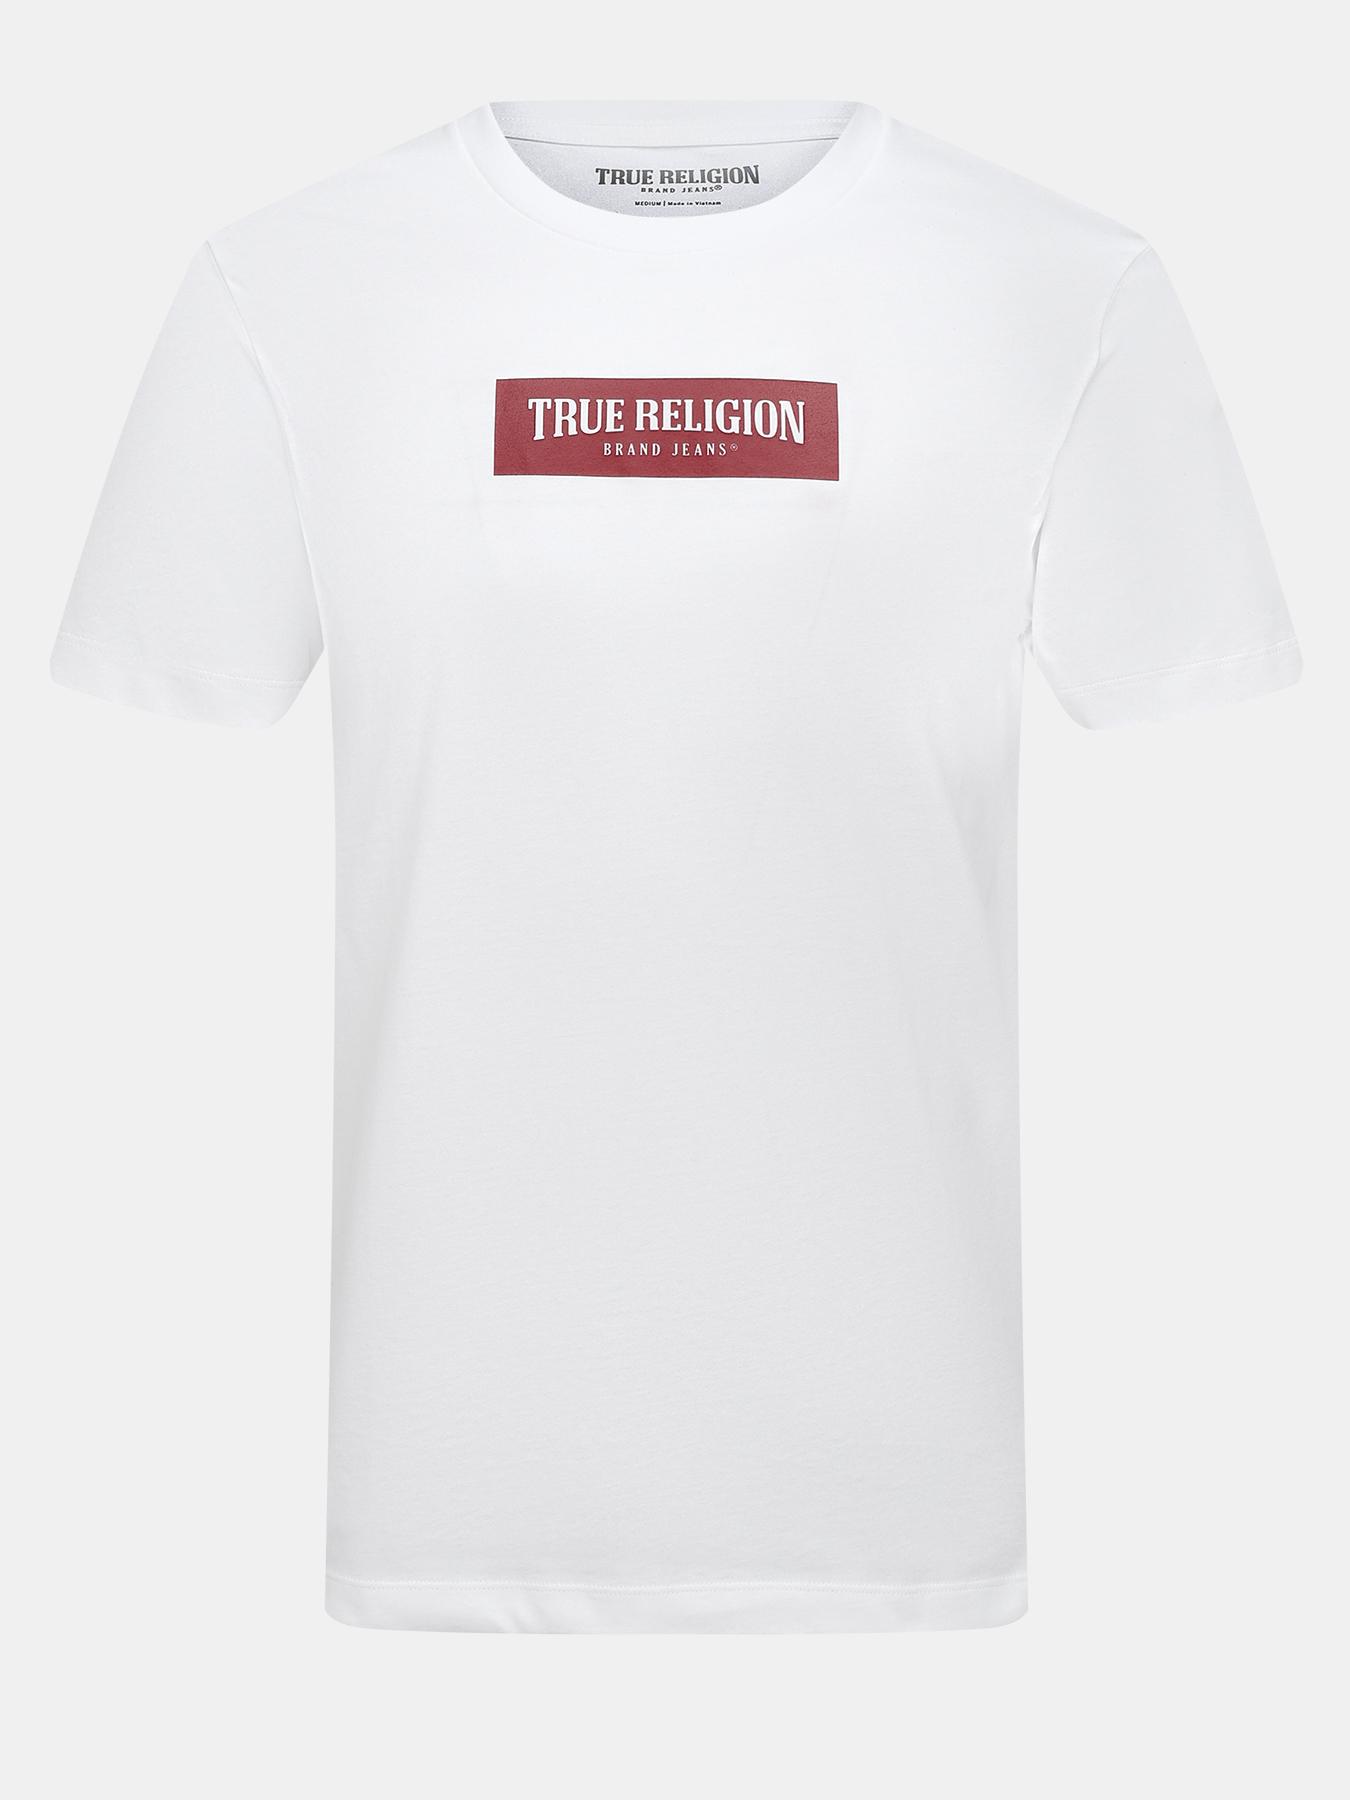 футболки true religion футболка Футболки True Religion Футболка